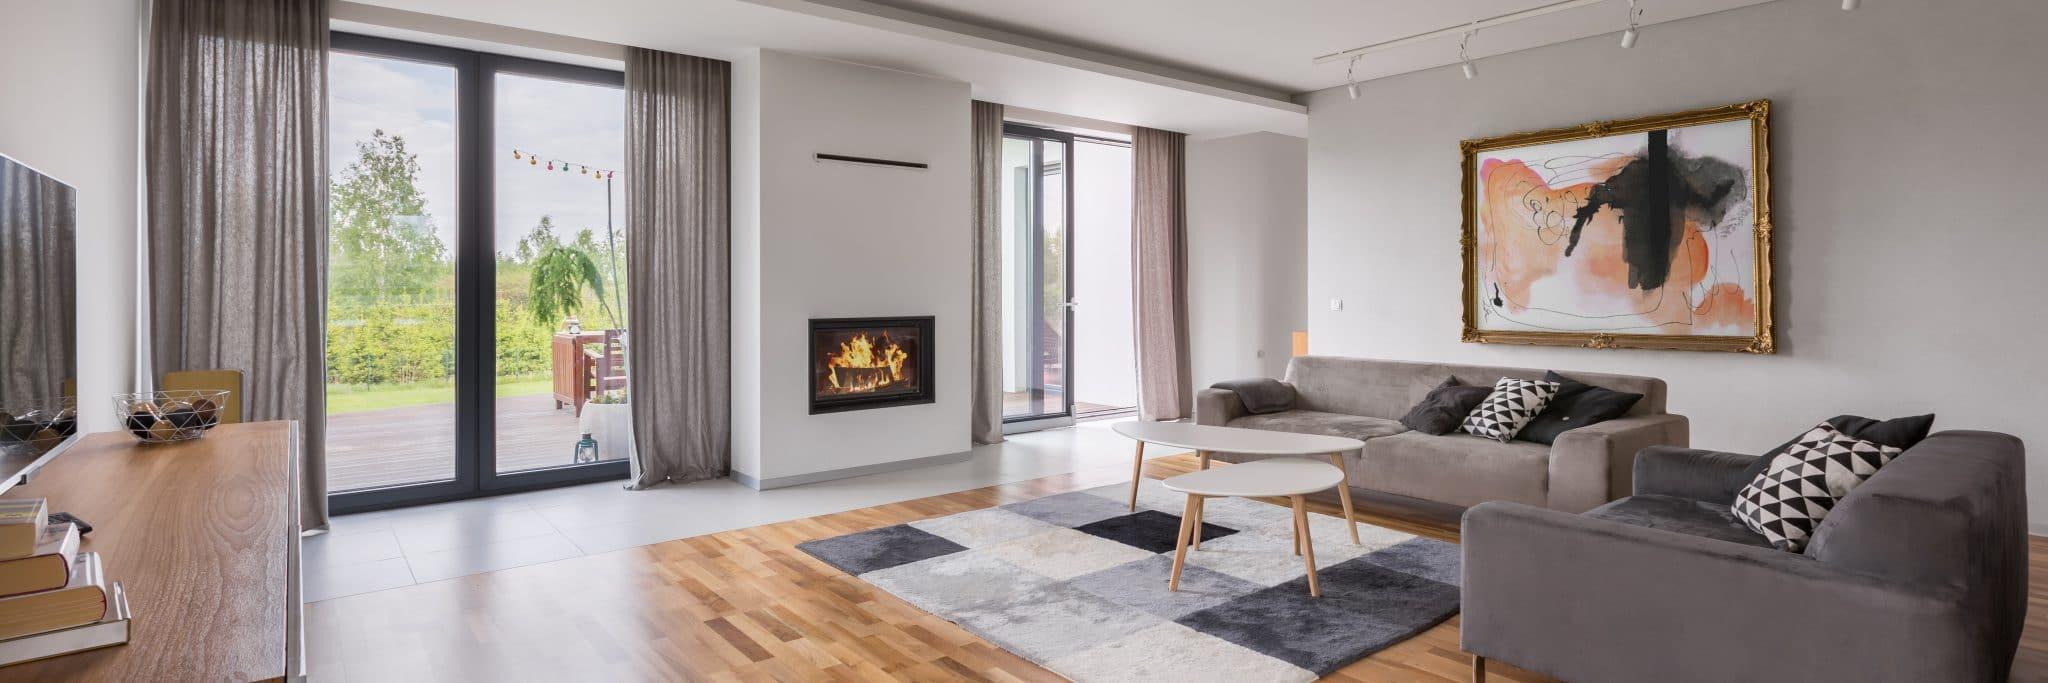 Extension de maison à Saint-Germain-en-Laye (78)